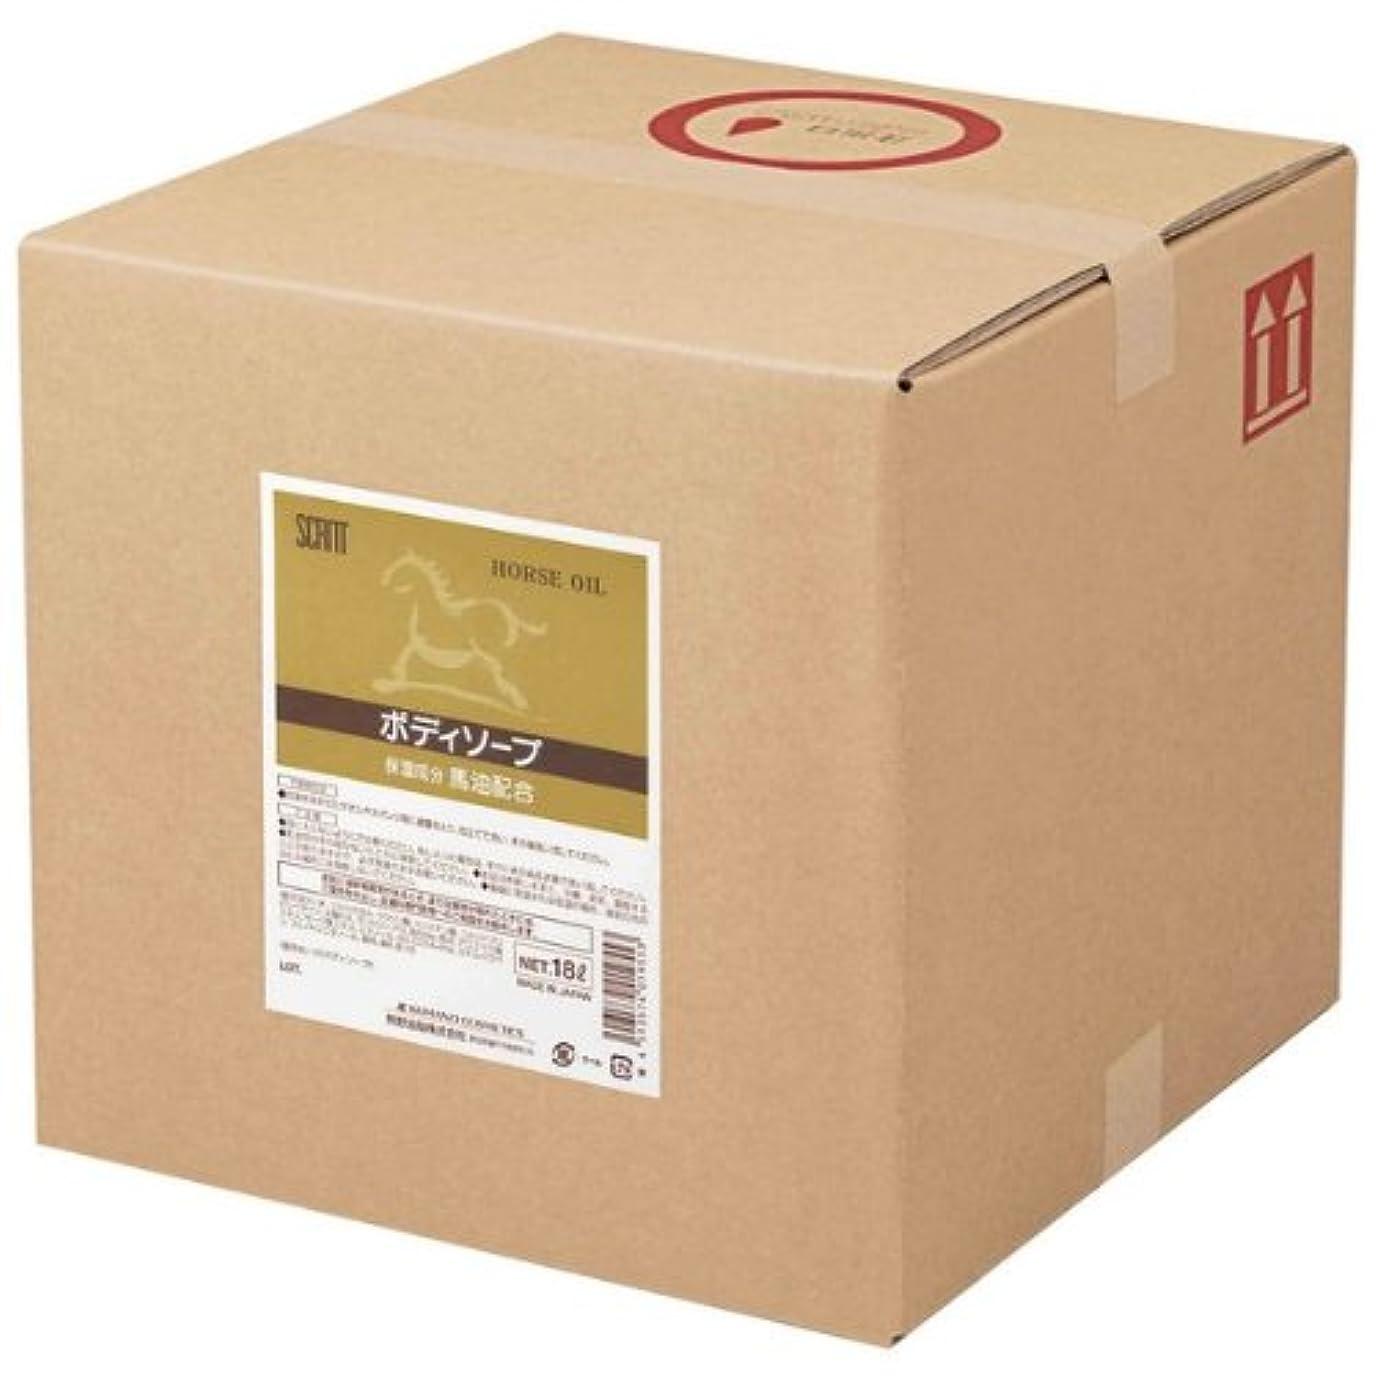 ペンフレンドボランティア液体SCRITT(スクリット) 馬油ボディソープ/4384 18L コック付